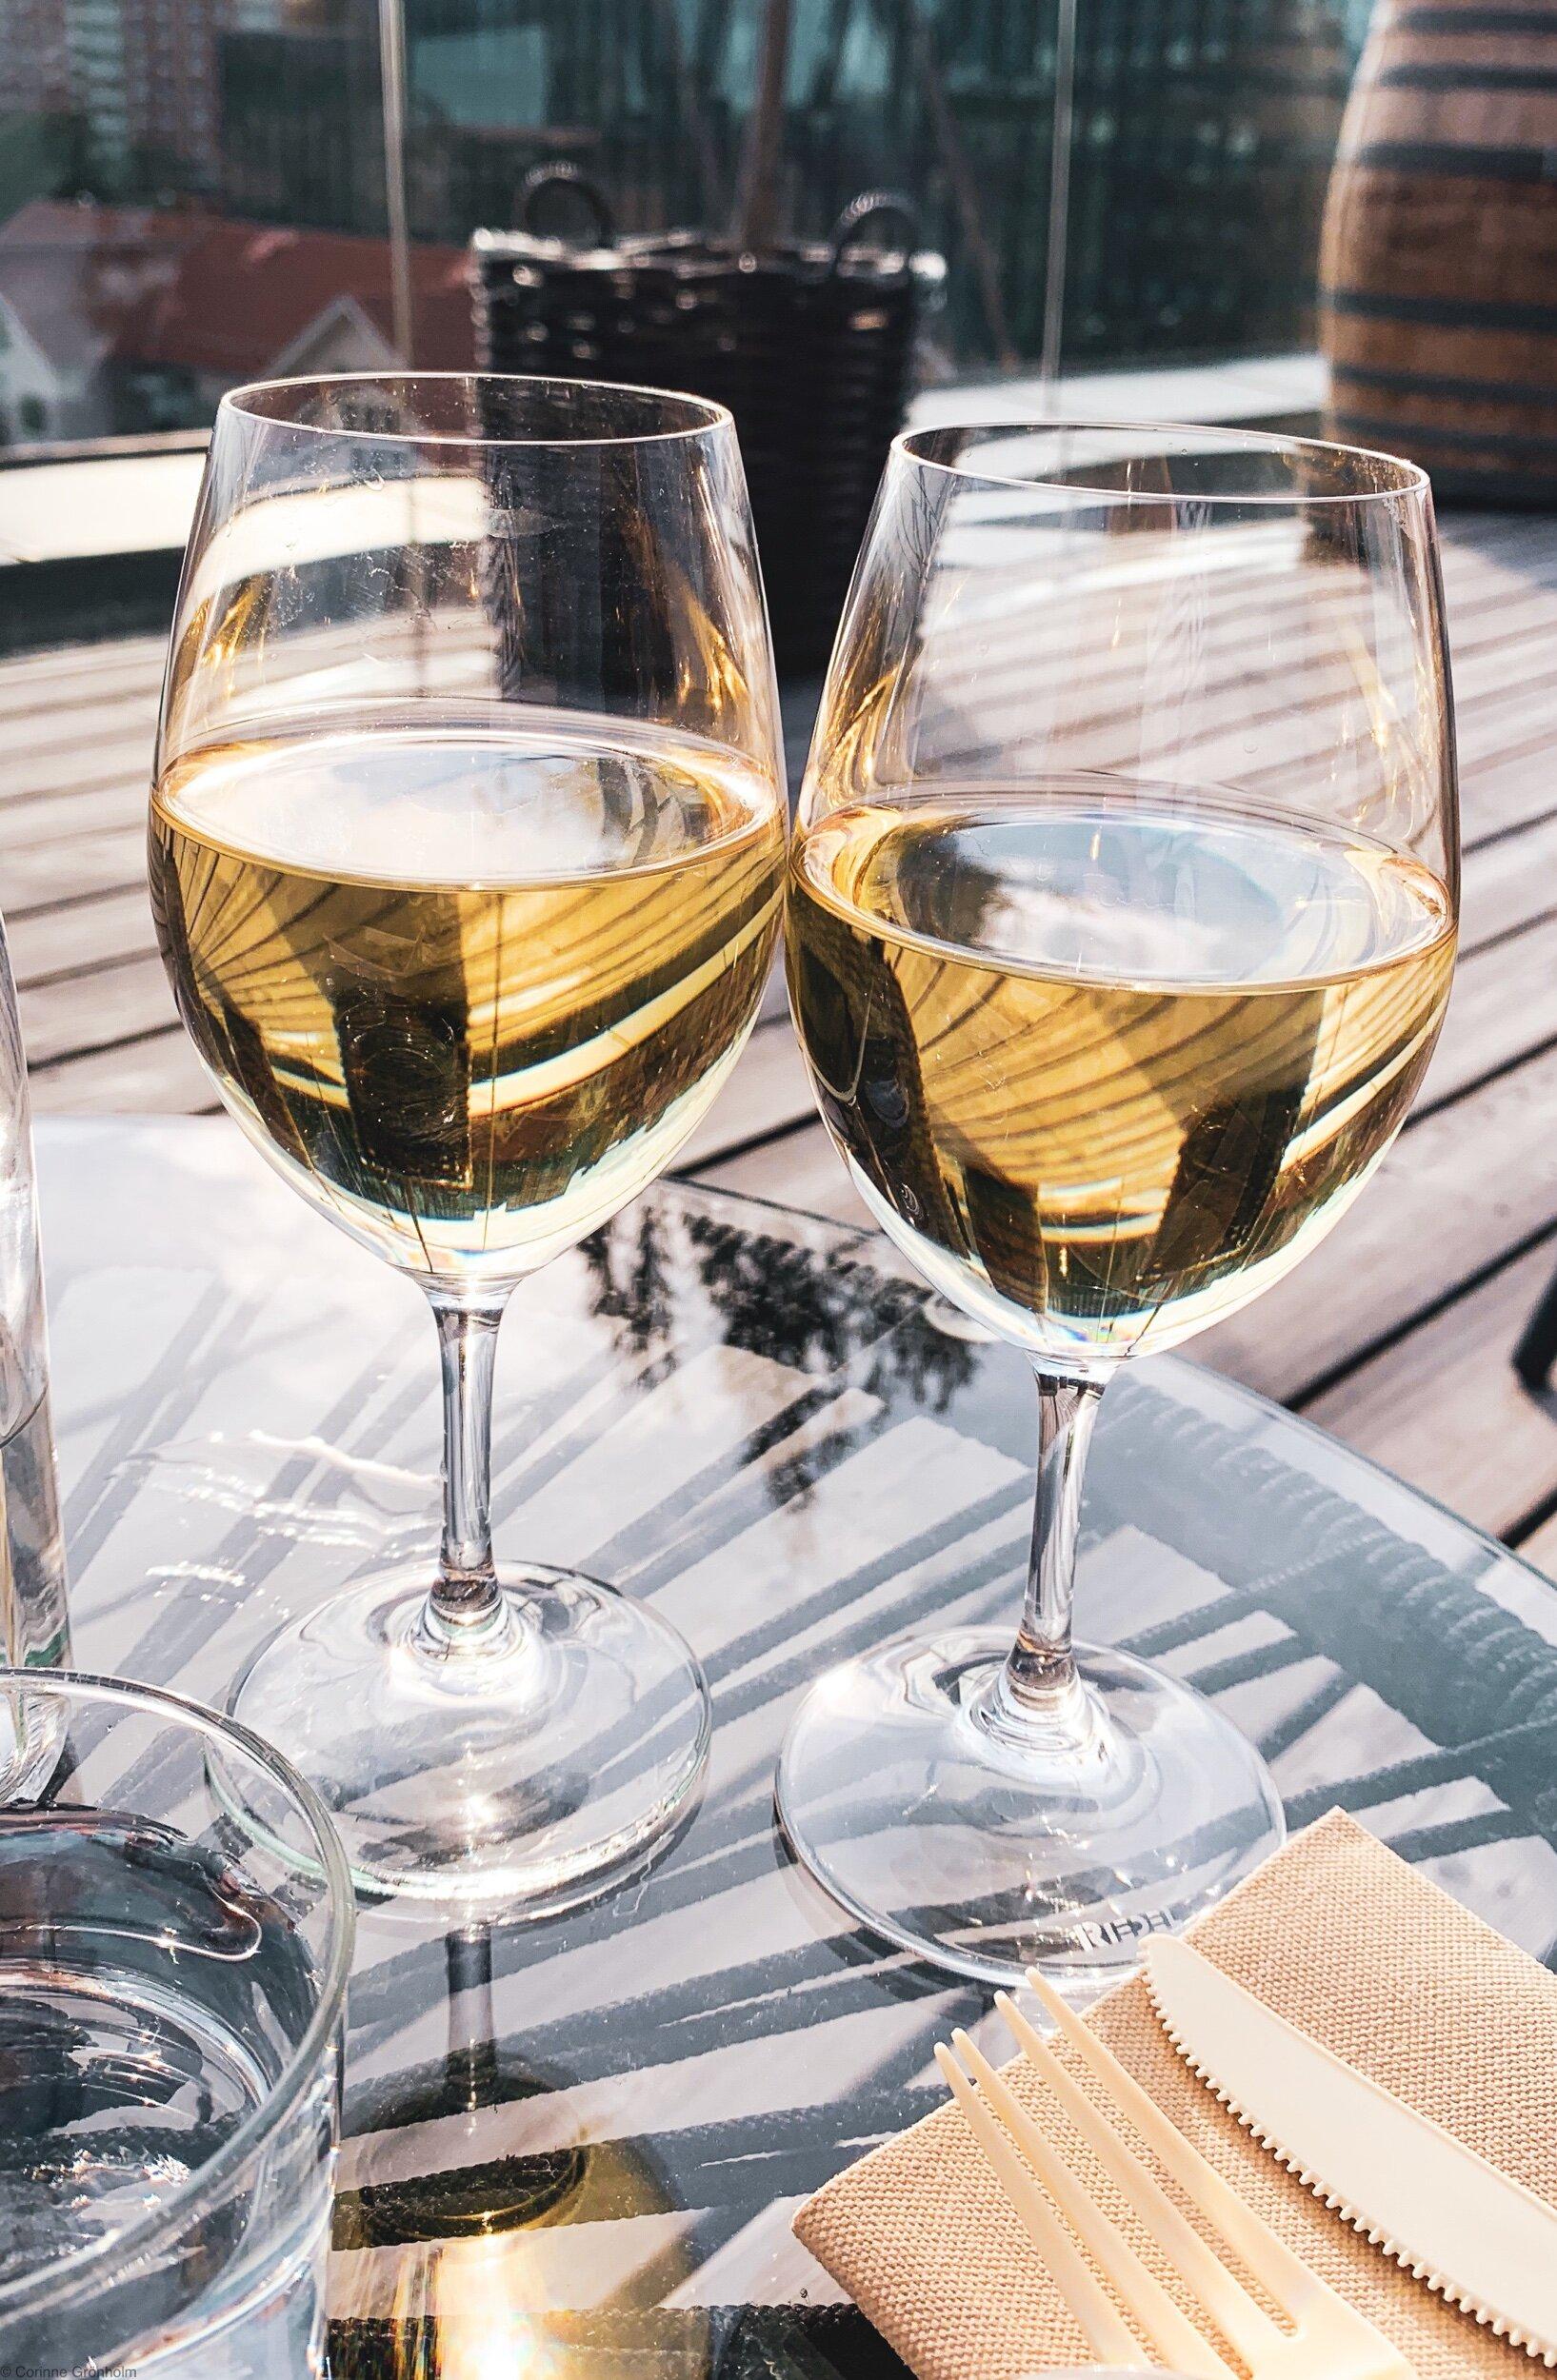 Från en sommaRkväll När vi drack ett supergott Glas vin, utan en gnutta alkohol.